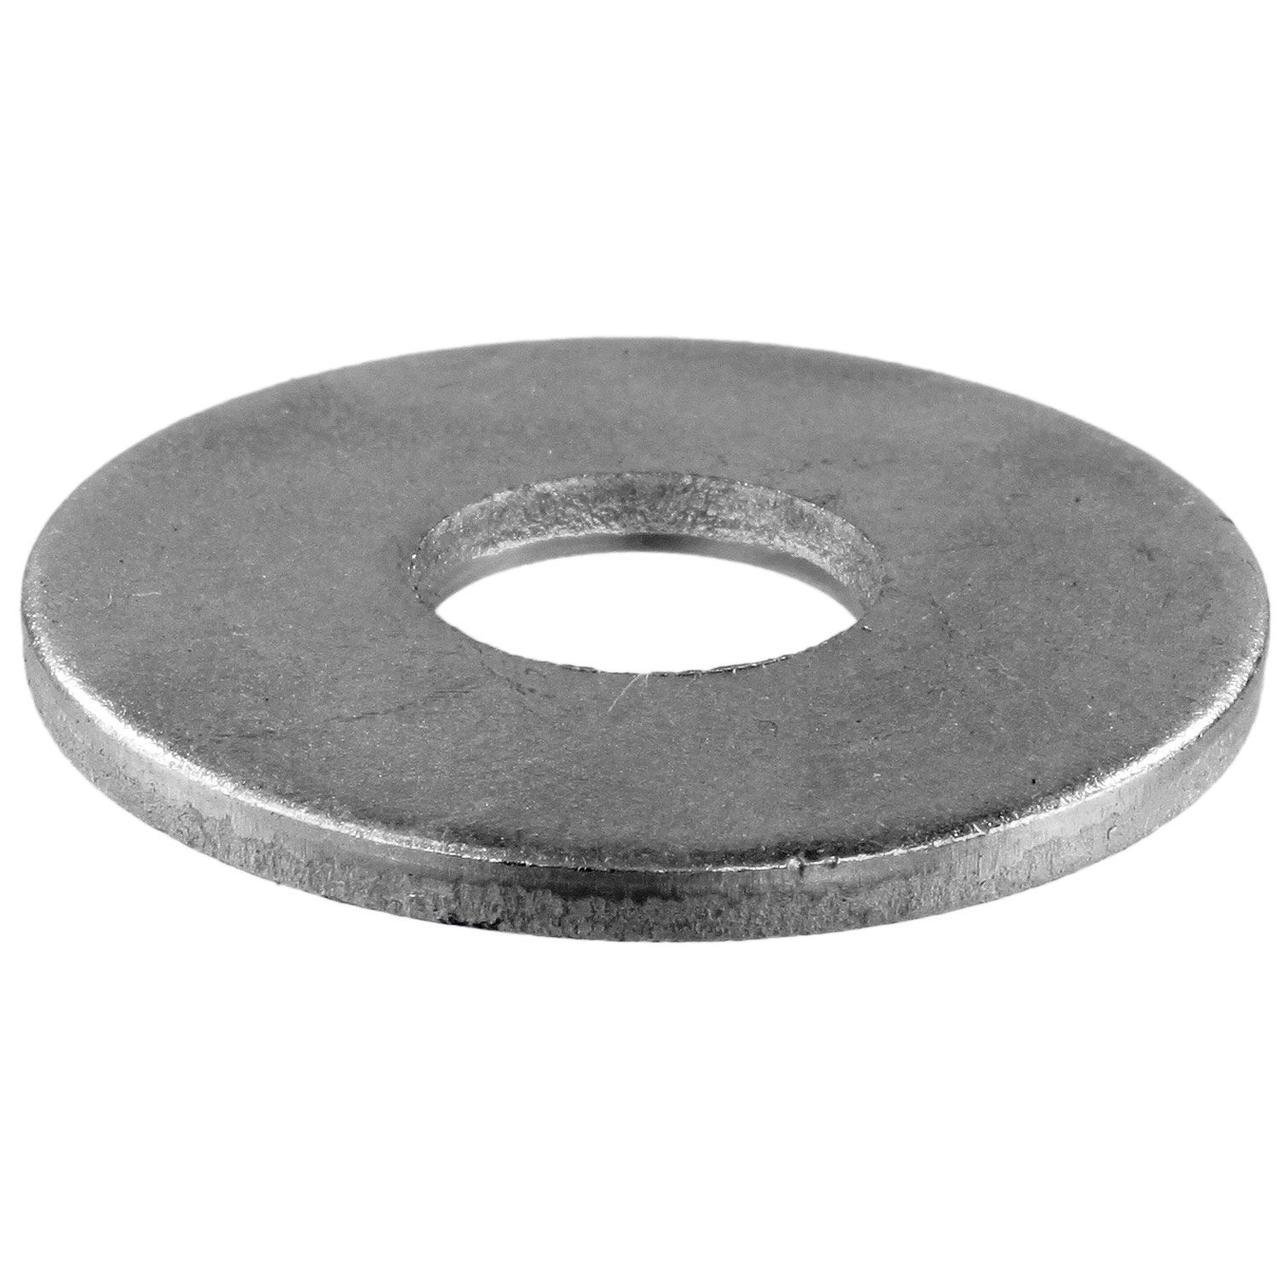 Кольцо ст 40Х 203х55 мм